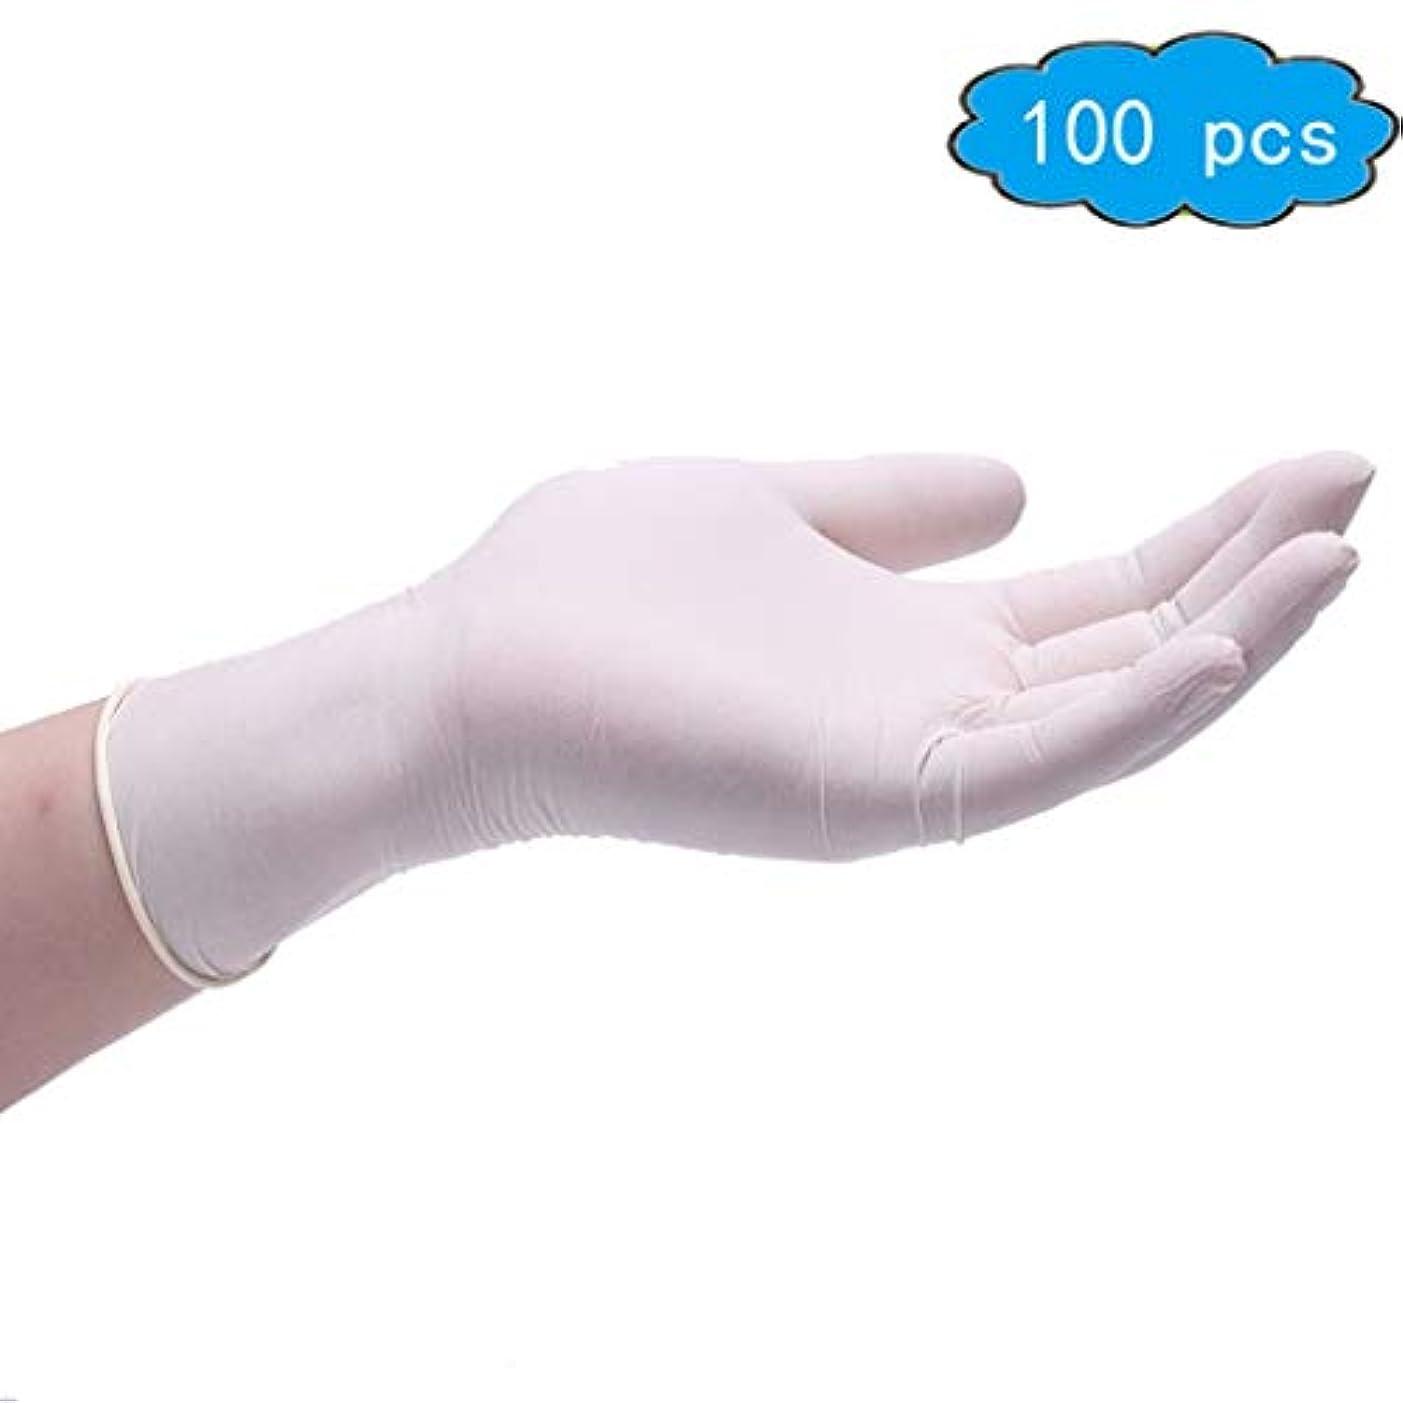 ビバ掘る南極使い捨てラテックスゴム手袋、100カウント、大–パウダーフリー、両手利き、超快適、超強力、耐久性と伸縮性、医療、食品および多用途–肥厚、生理用手袋 (Color : White, Size : XL)